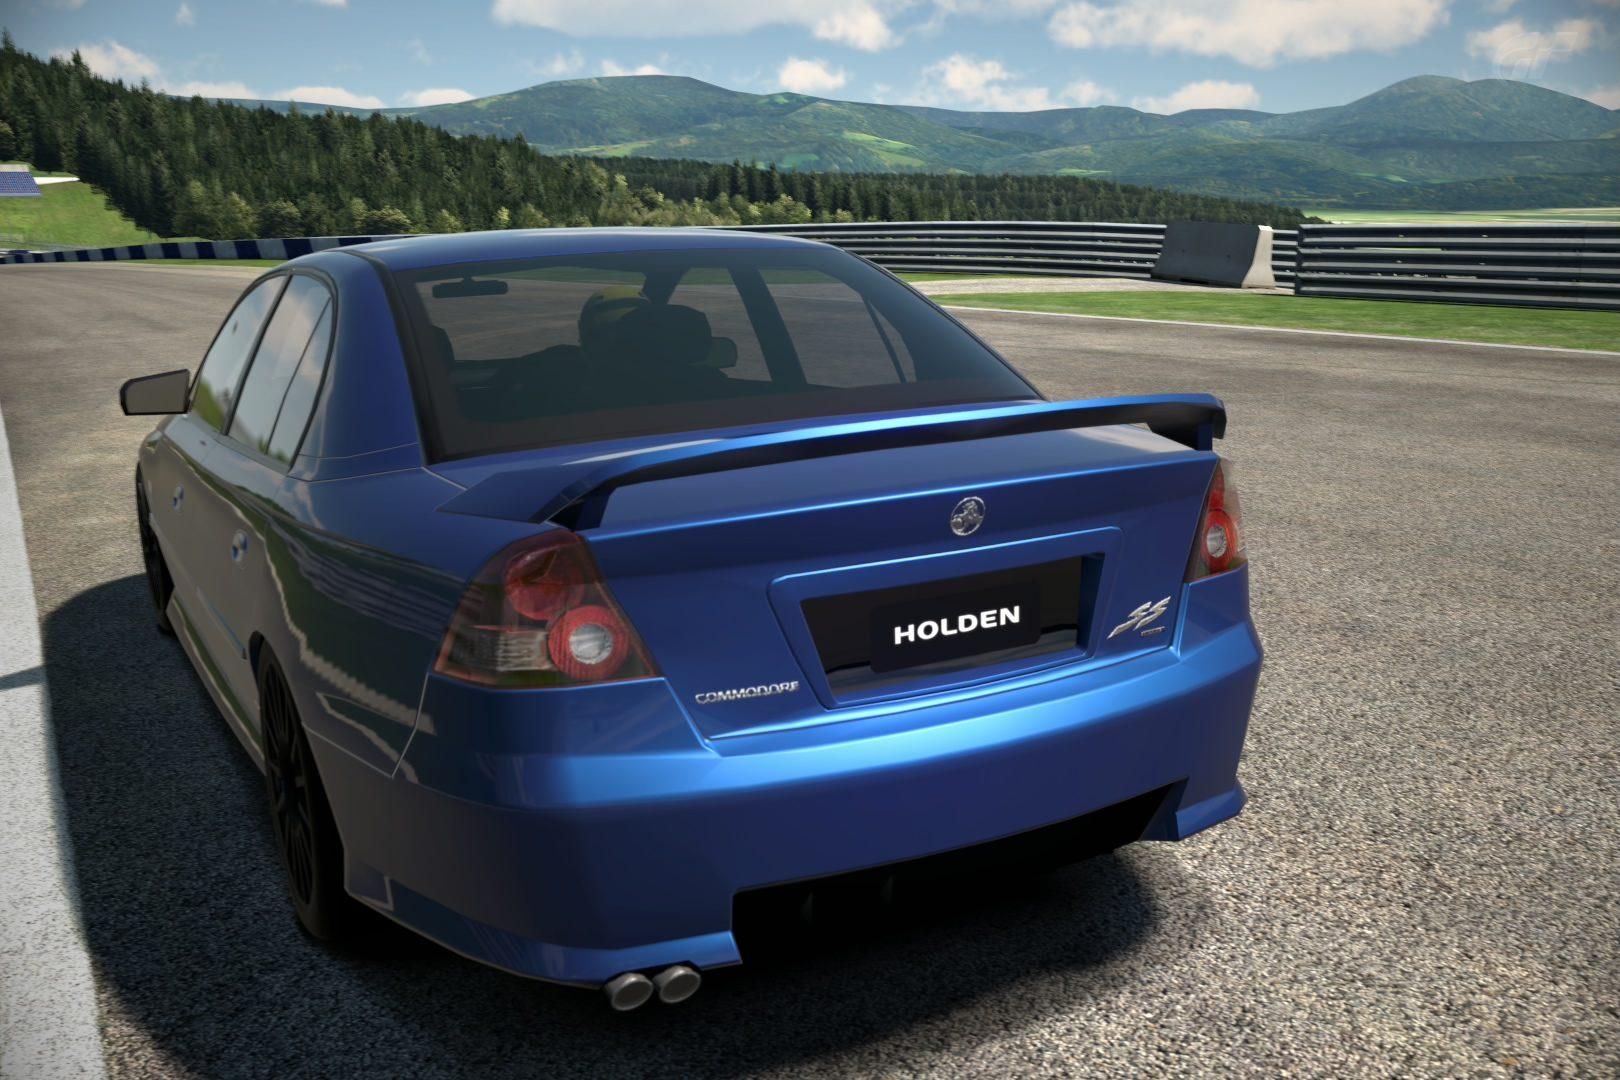 HoldenSSImg3.jpg